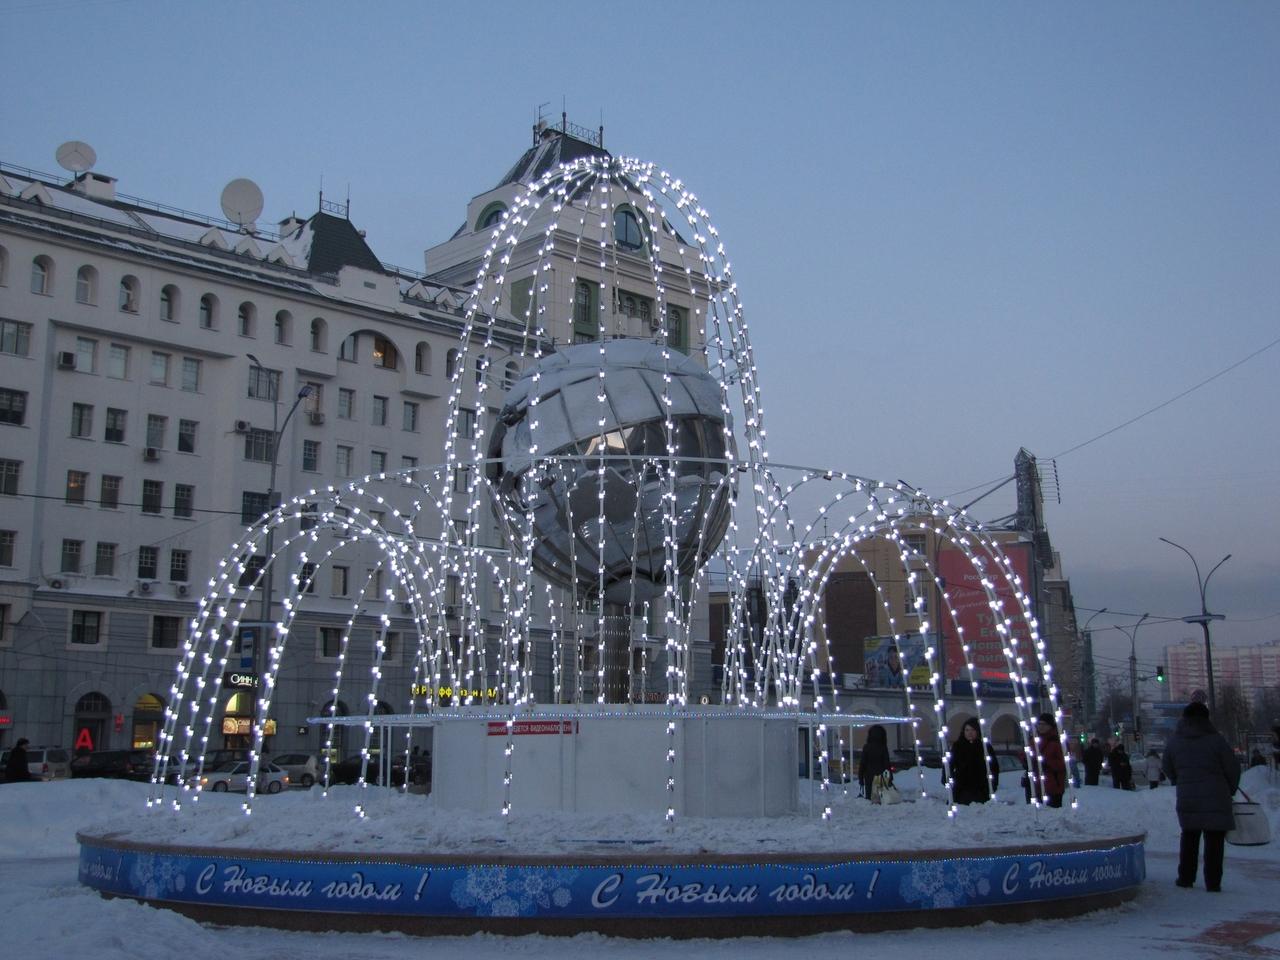 Запланированные новогодние мероприятия в Новосибирске 2016